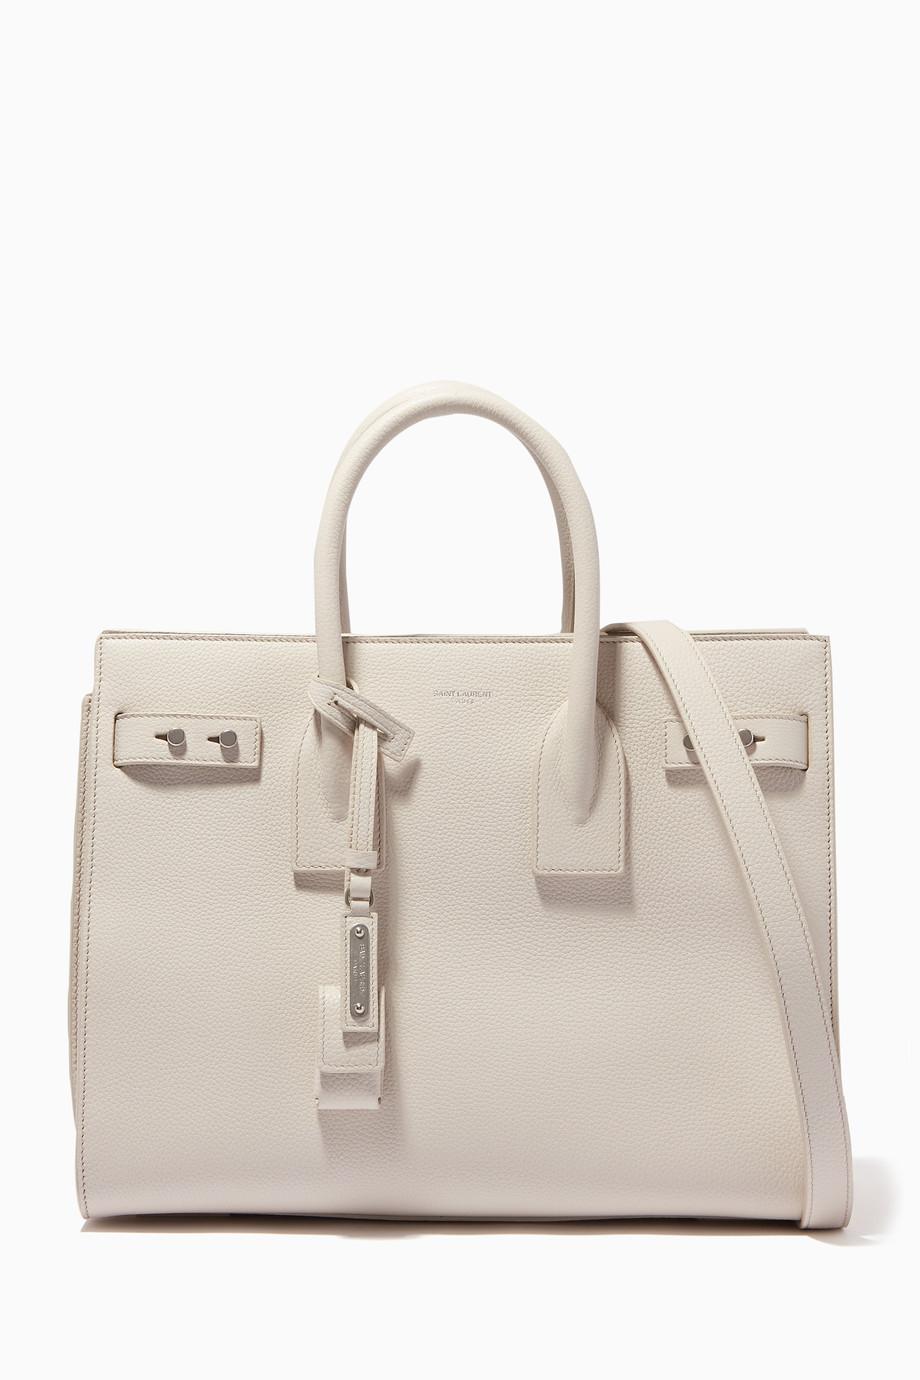 Shop Saint Laurent White Icy-White Small Sac De Jour Tote Bag for ... b83d28d45183c